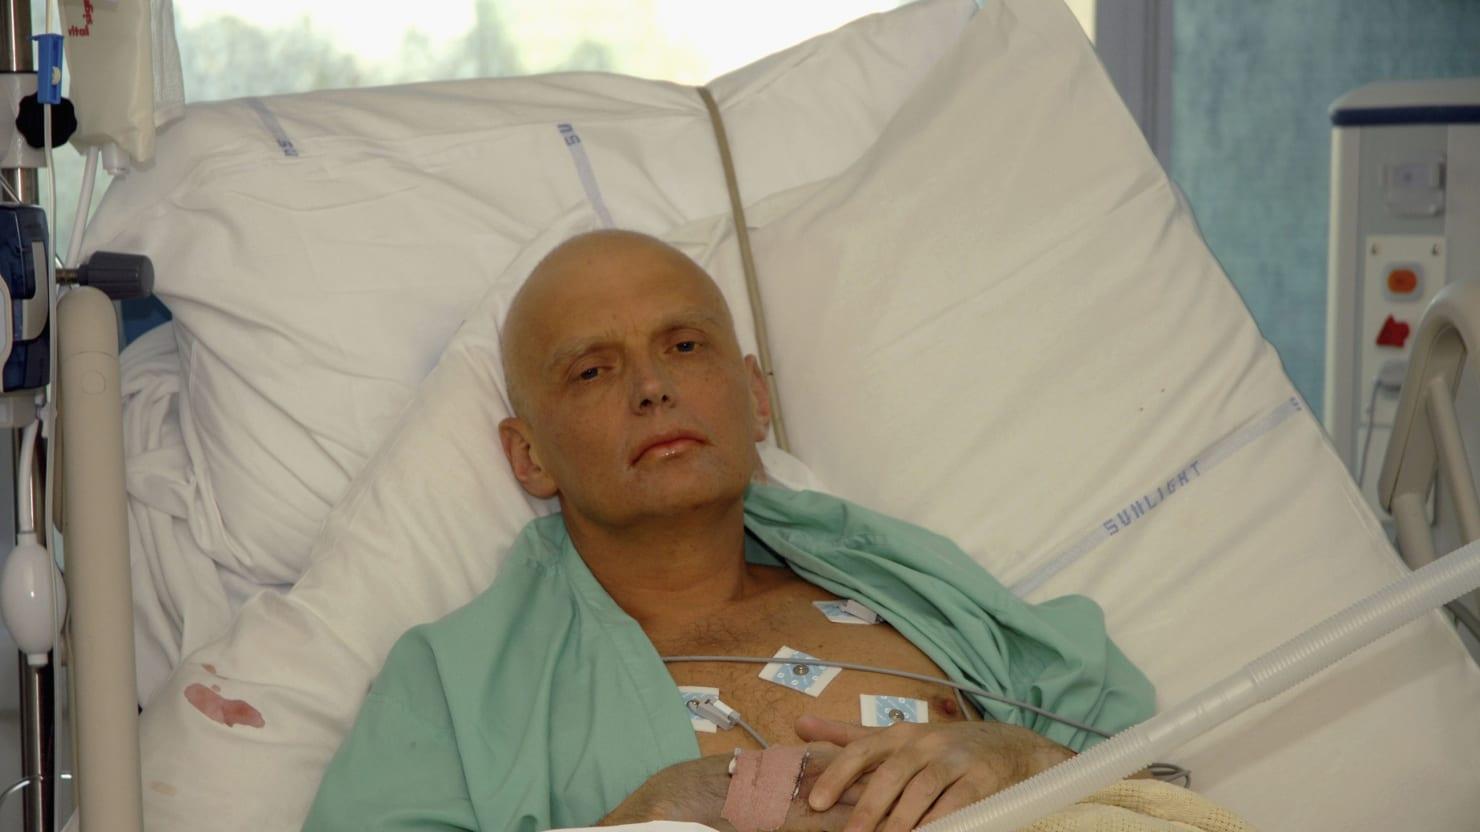 Putin's Polonium-Poison Revenge on ex-Spy Laid Bare in UK Inquiry